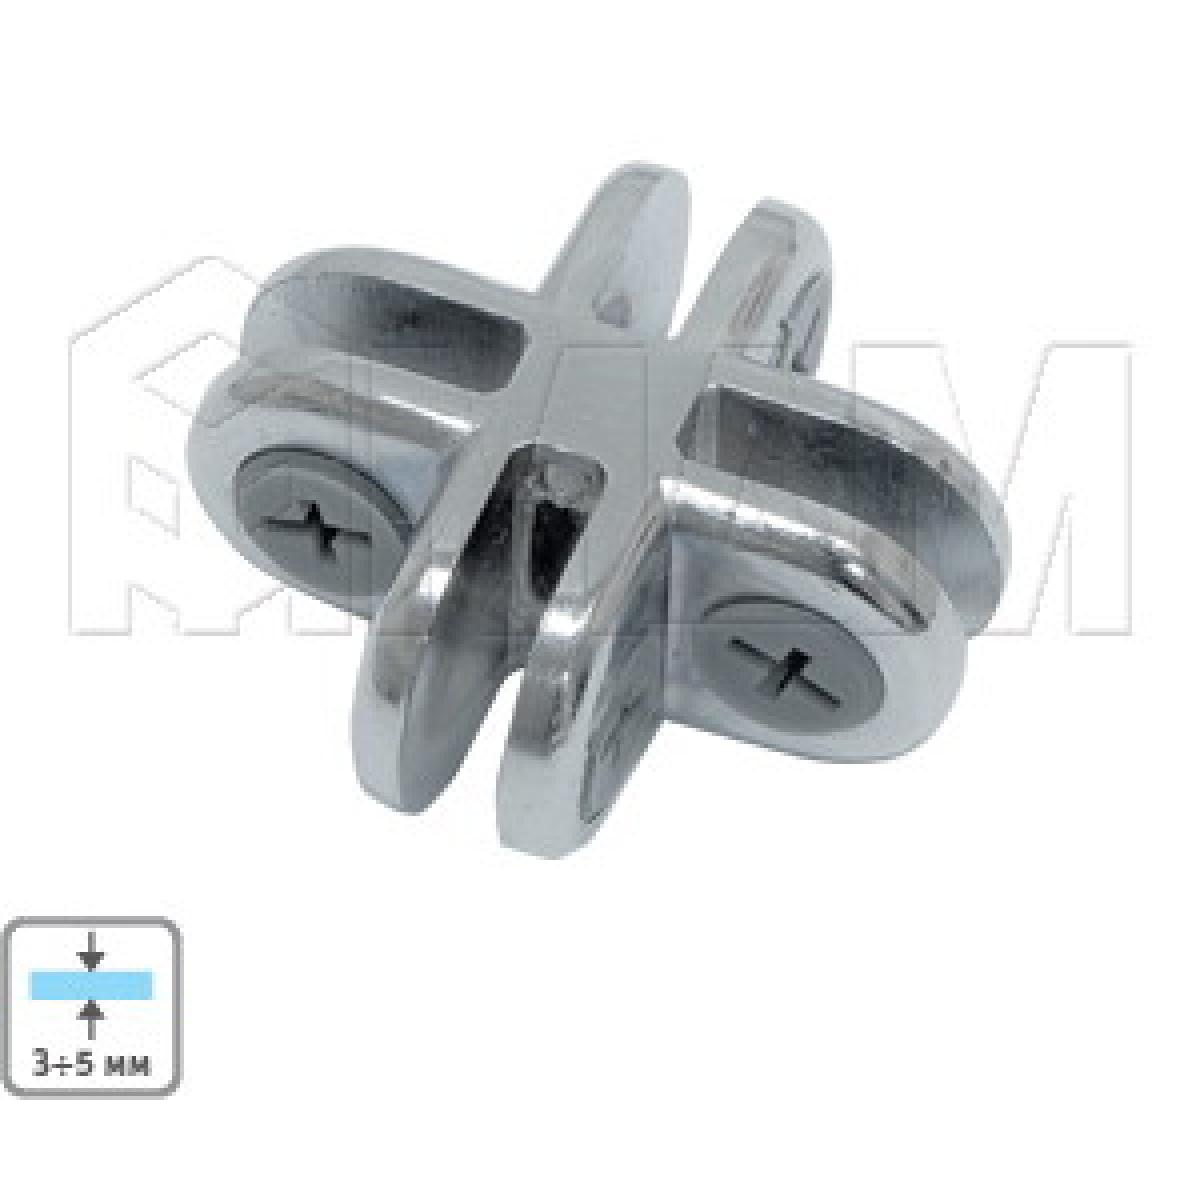 Соединители - Соединитель для 4-х стекол 5 мм, хром, 1 шт